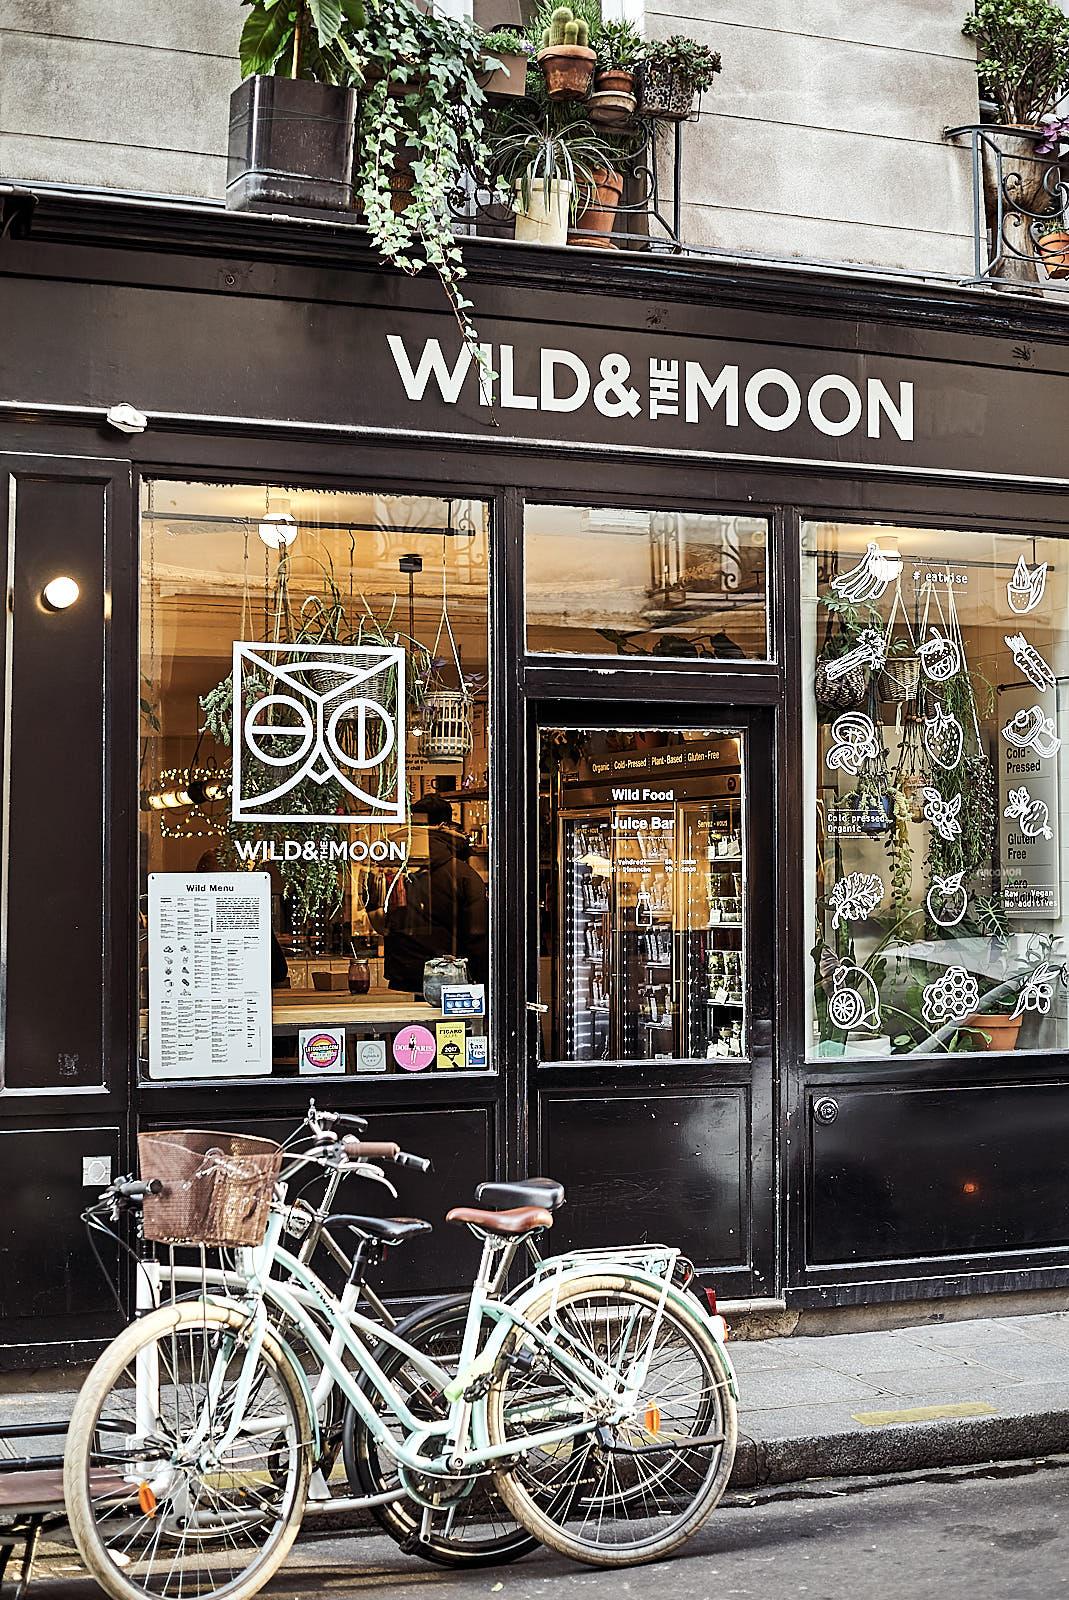 Wild & Moon